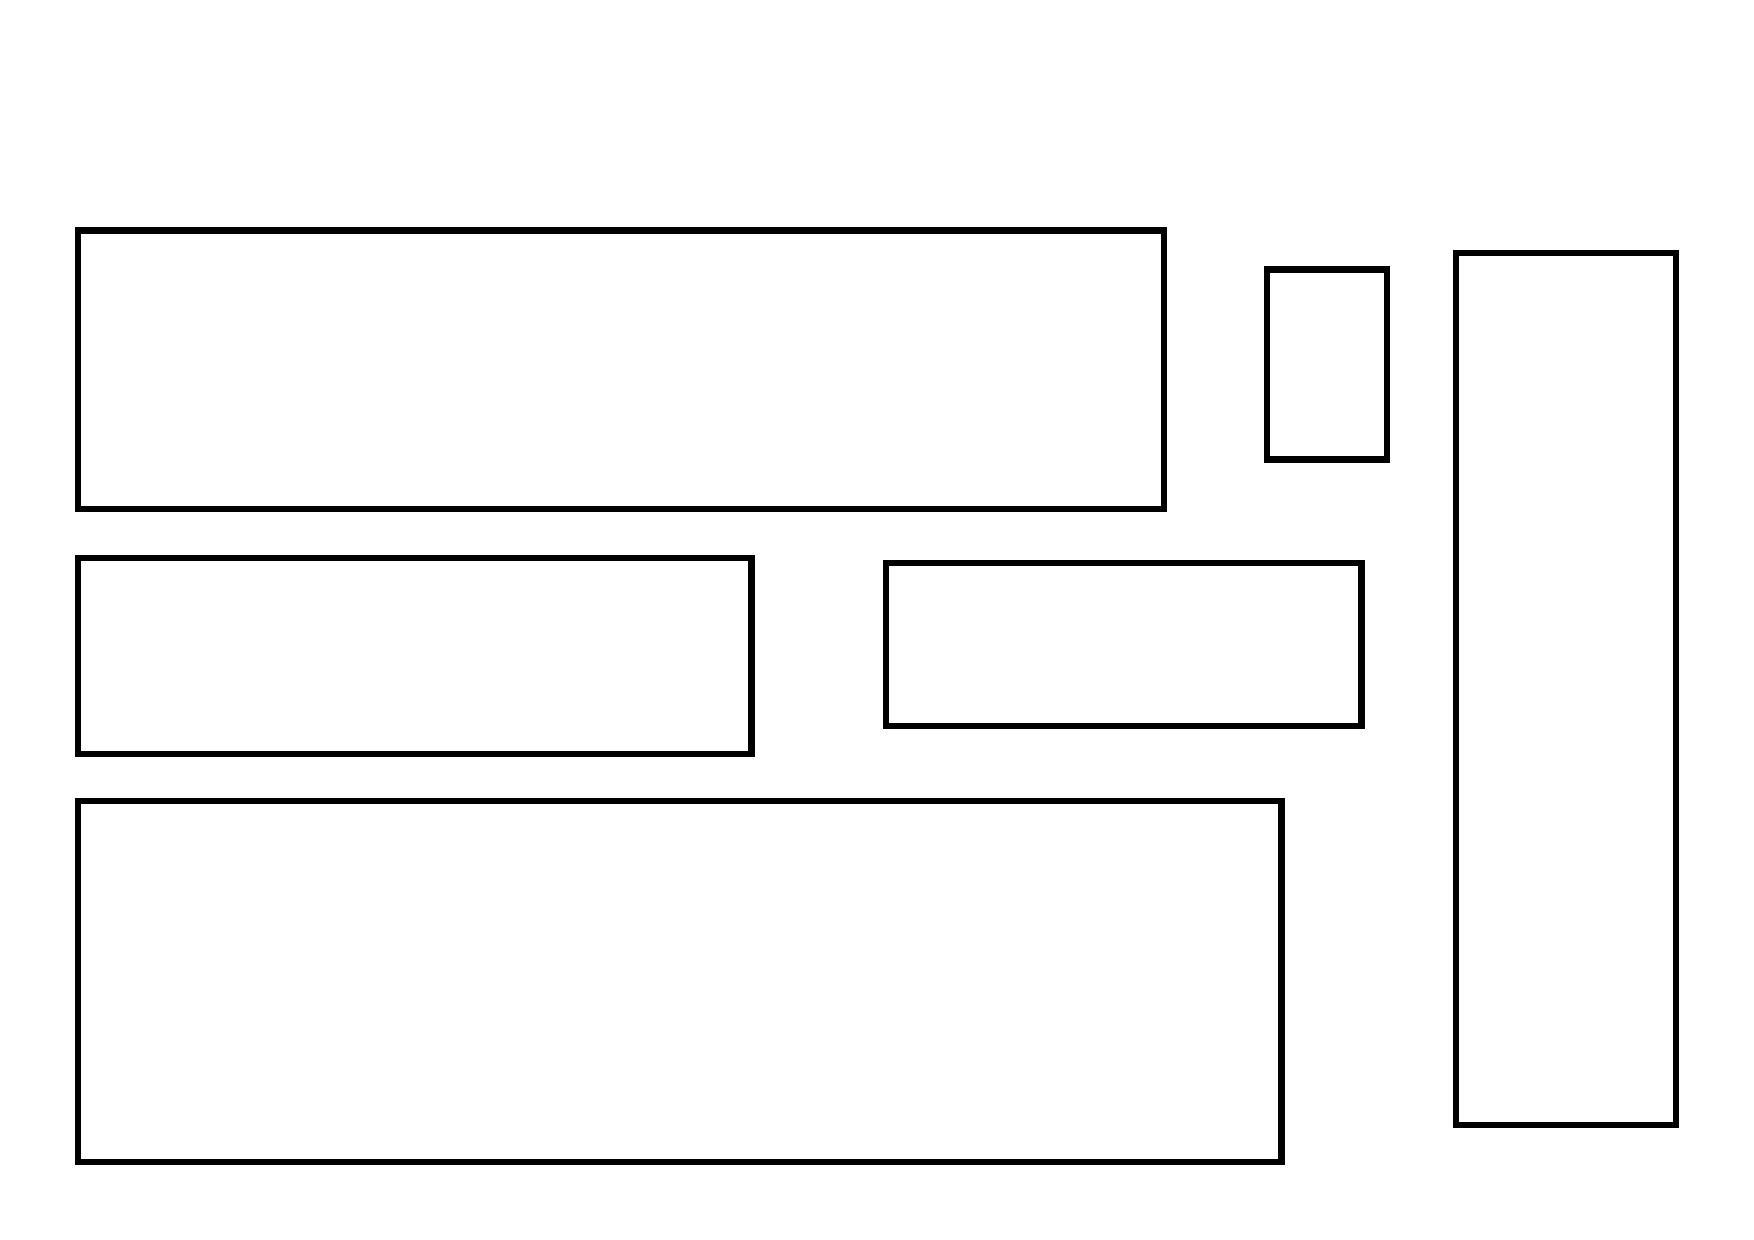 okul_öncesinde_geometrik_şekiller_kesme_çalışmaları _makas